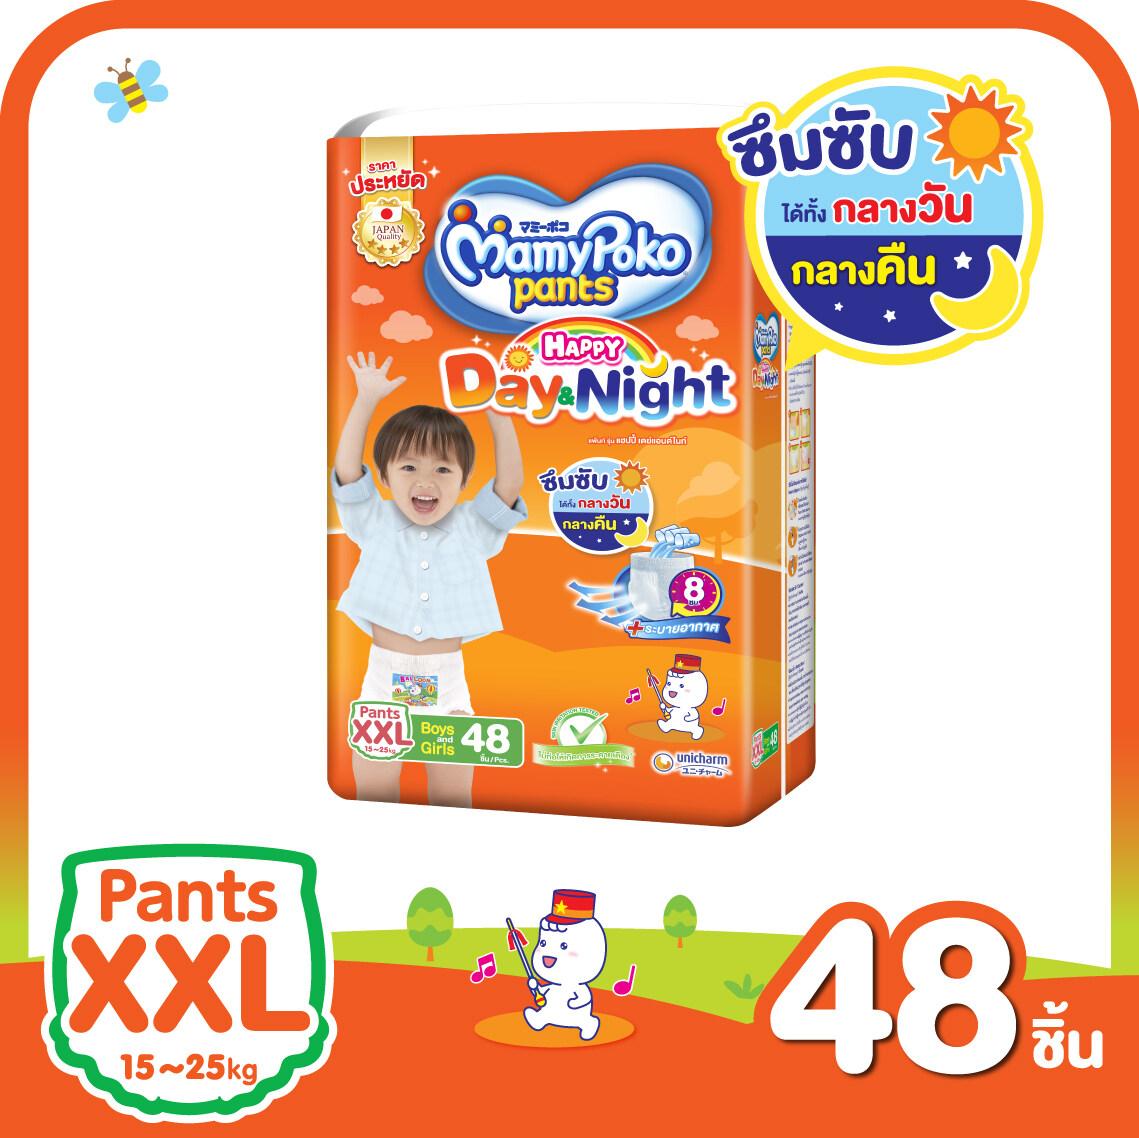 รีวิว MamyPoko Pants Happy Day&Night ผ้าอ้อมเด็กแบบกางเกง มามี่โพโค แพ้นท์ แฮปปี้เดย์แอนด์ไนท์ ไซส์ XXL 48 ชิ้น